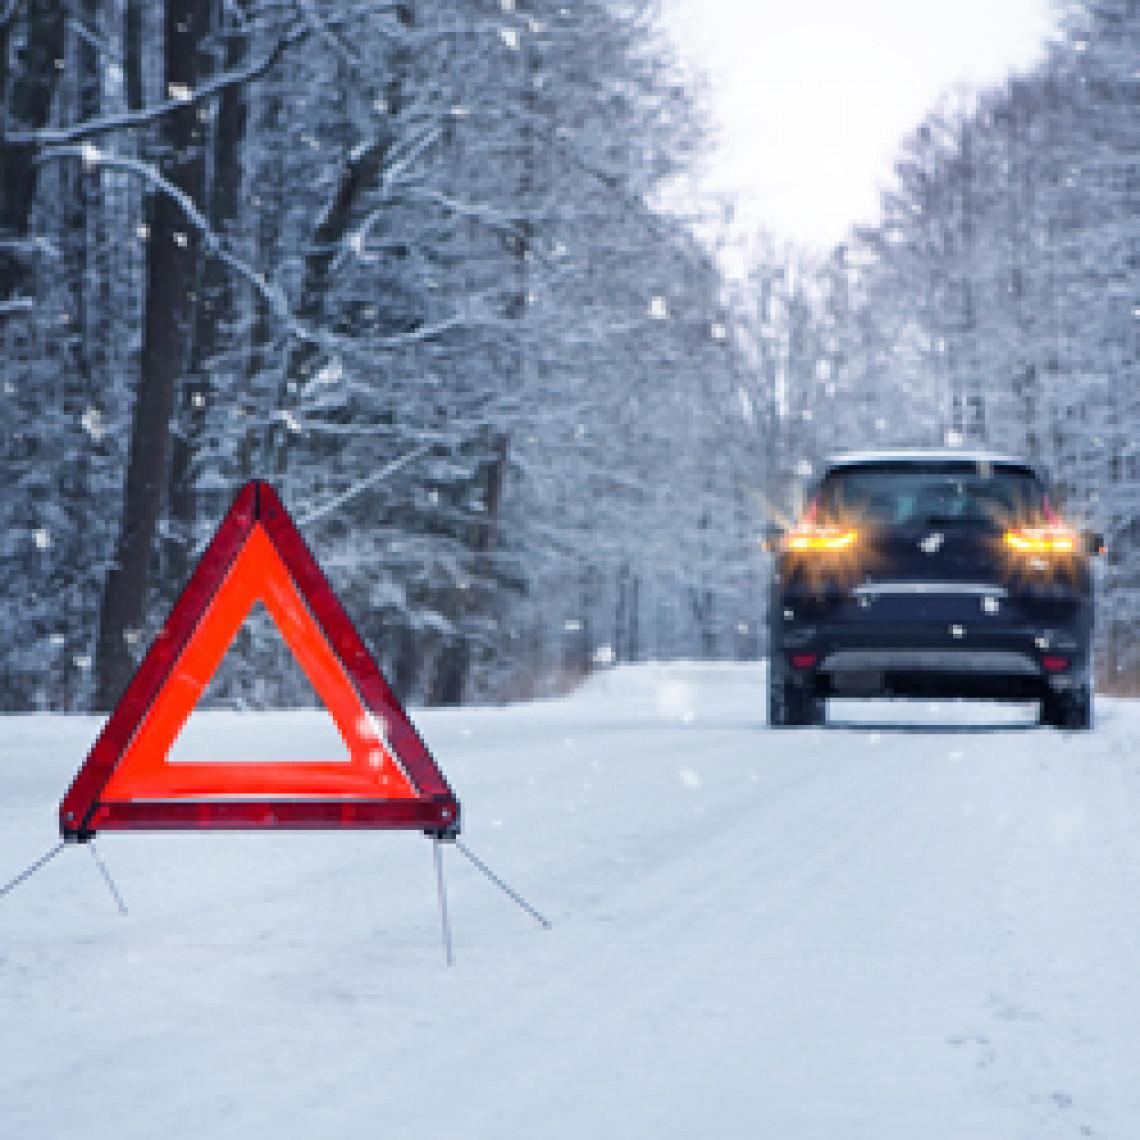 Advarselstrekant på vejen